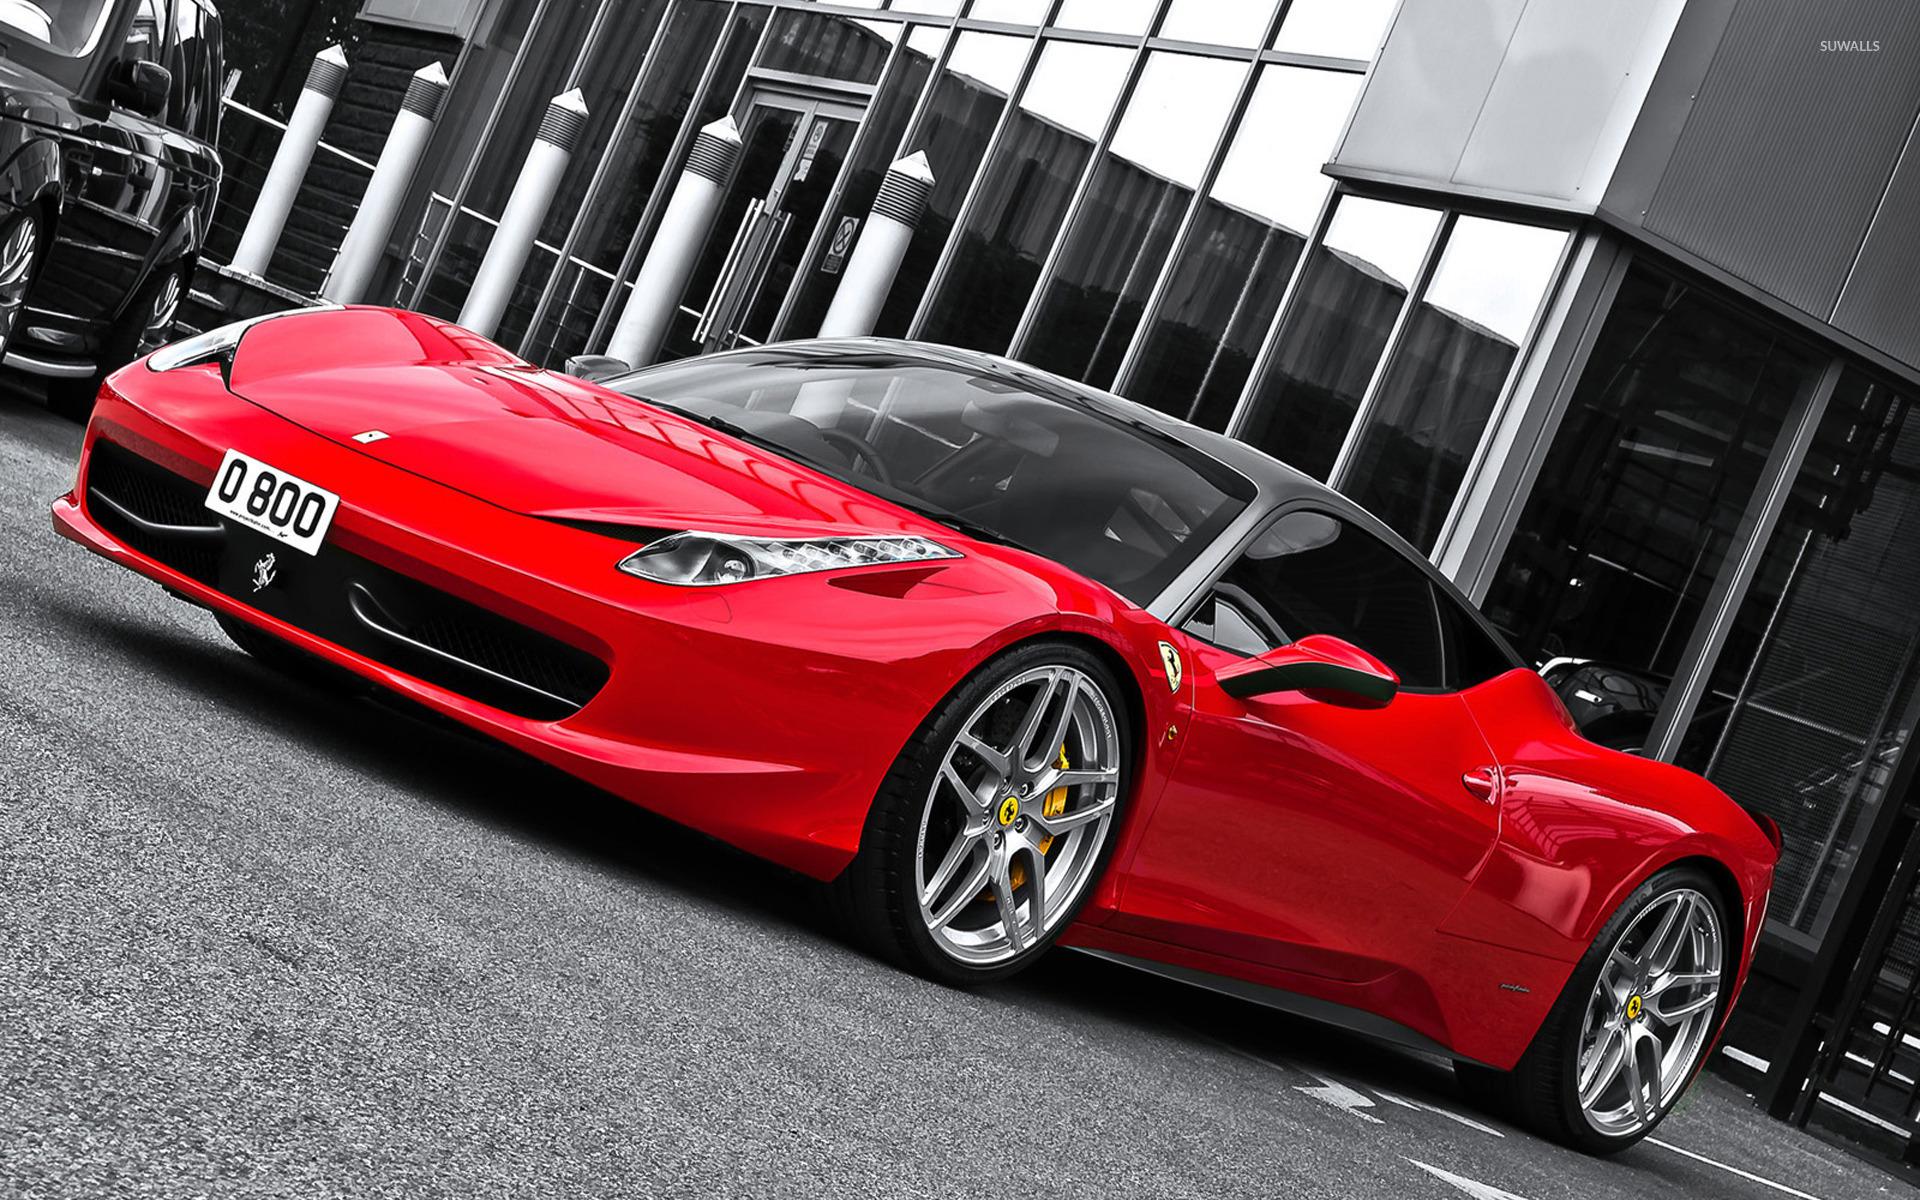 a kahn design ferrari 458 italia wallpaper 1920x1200 jpg - Wheelsandmore Ferrari 458 Italia